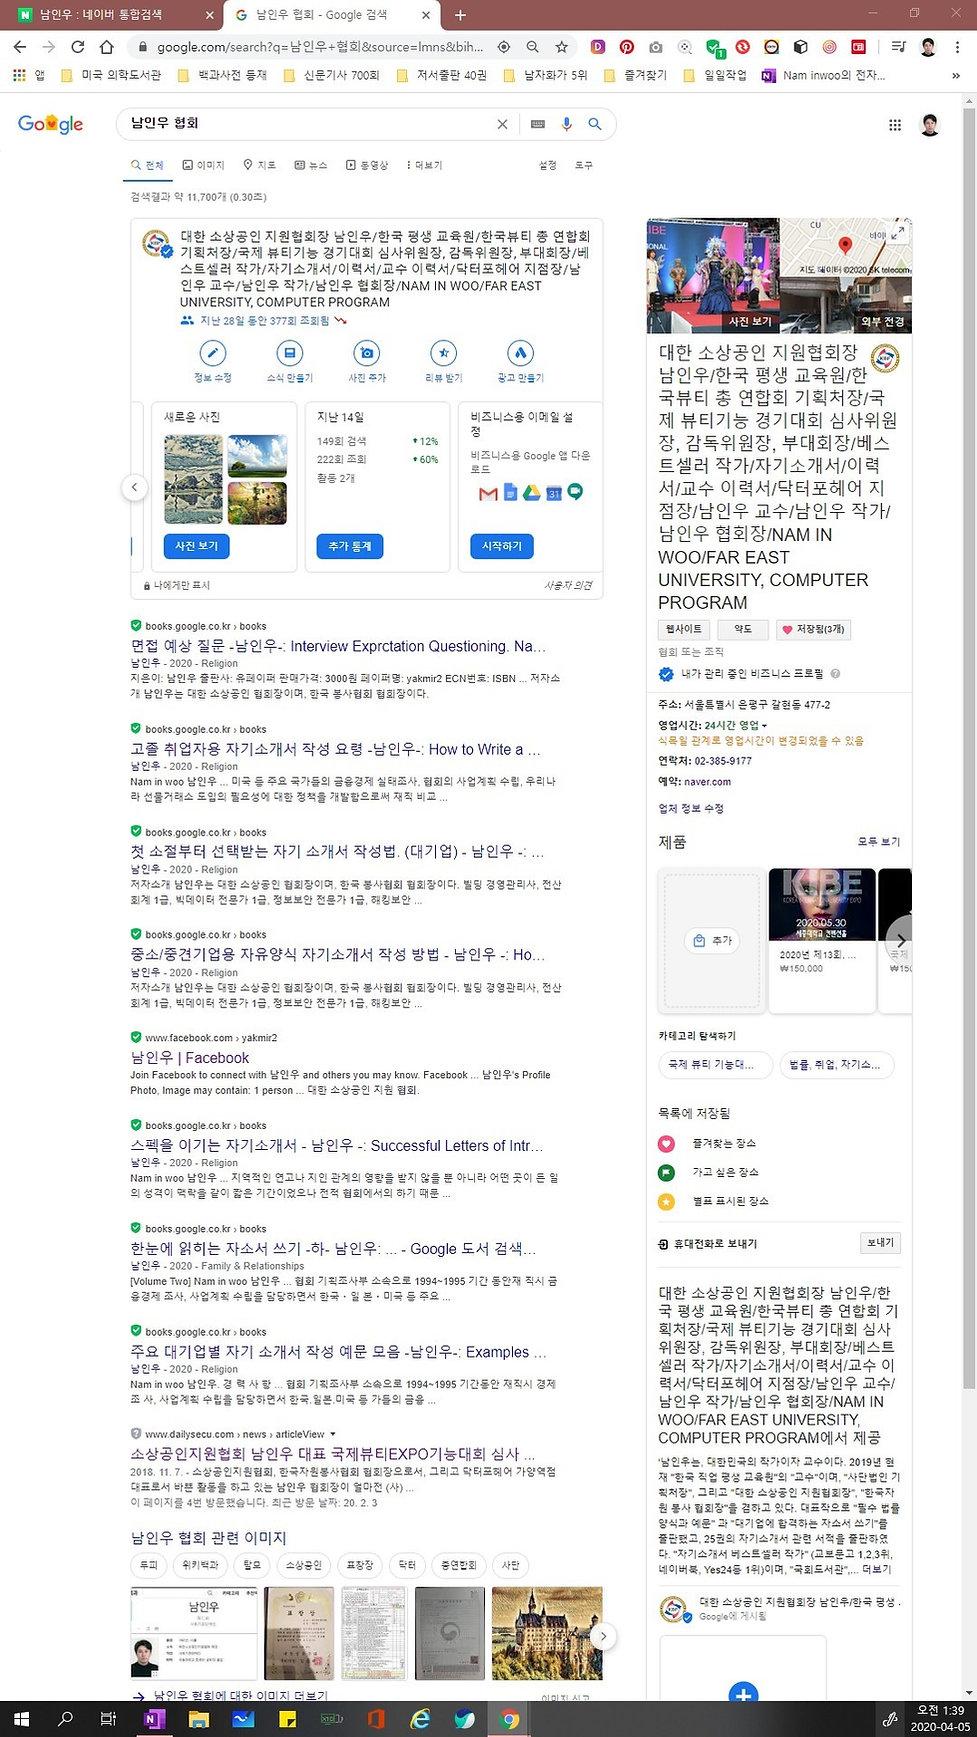 구글 남인우 협회.jpg